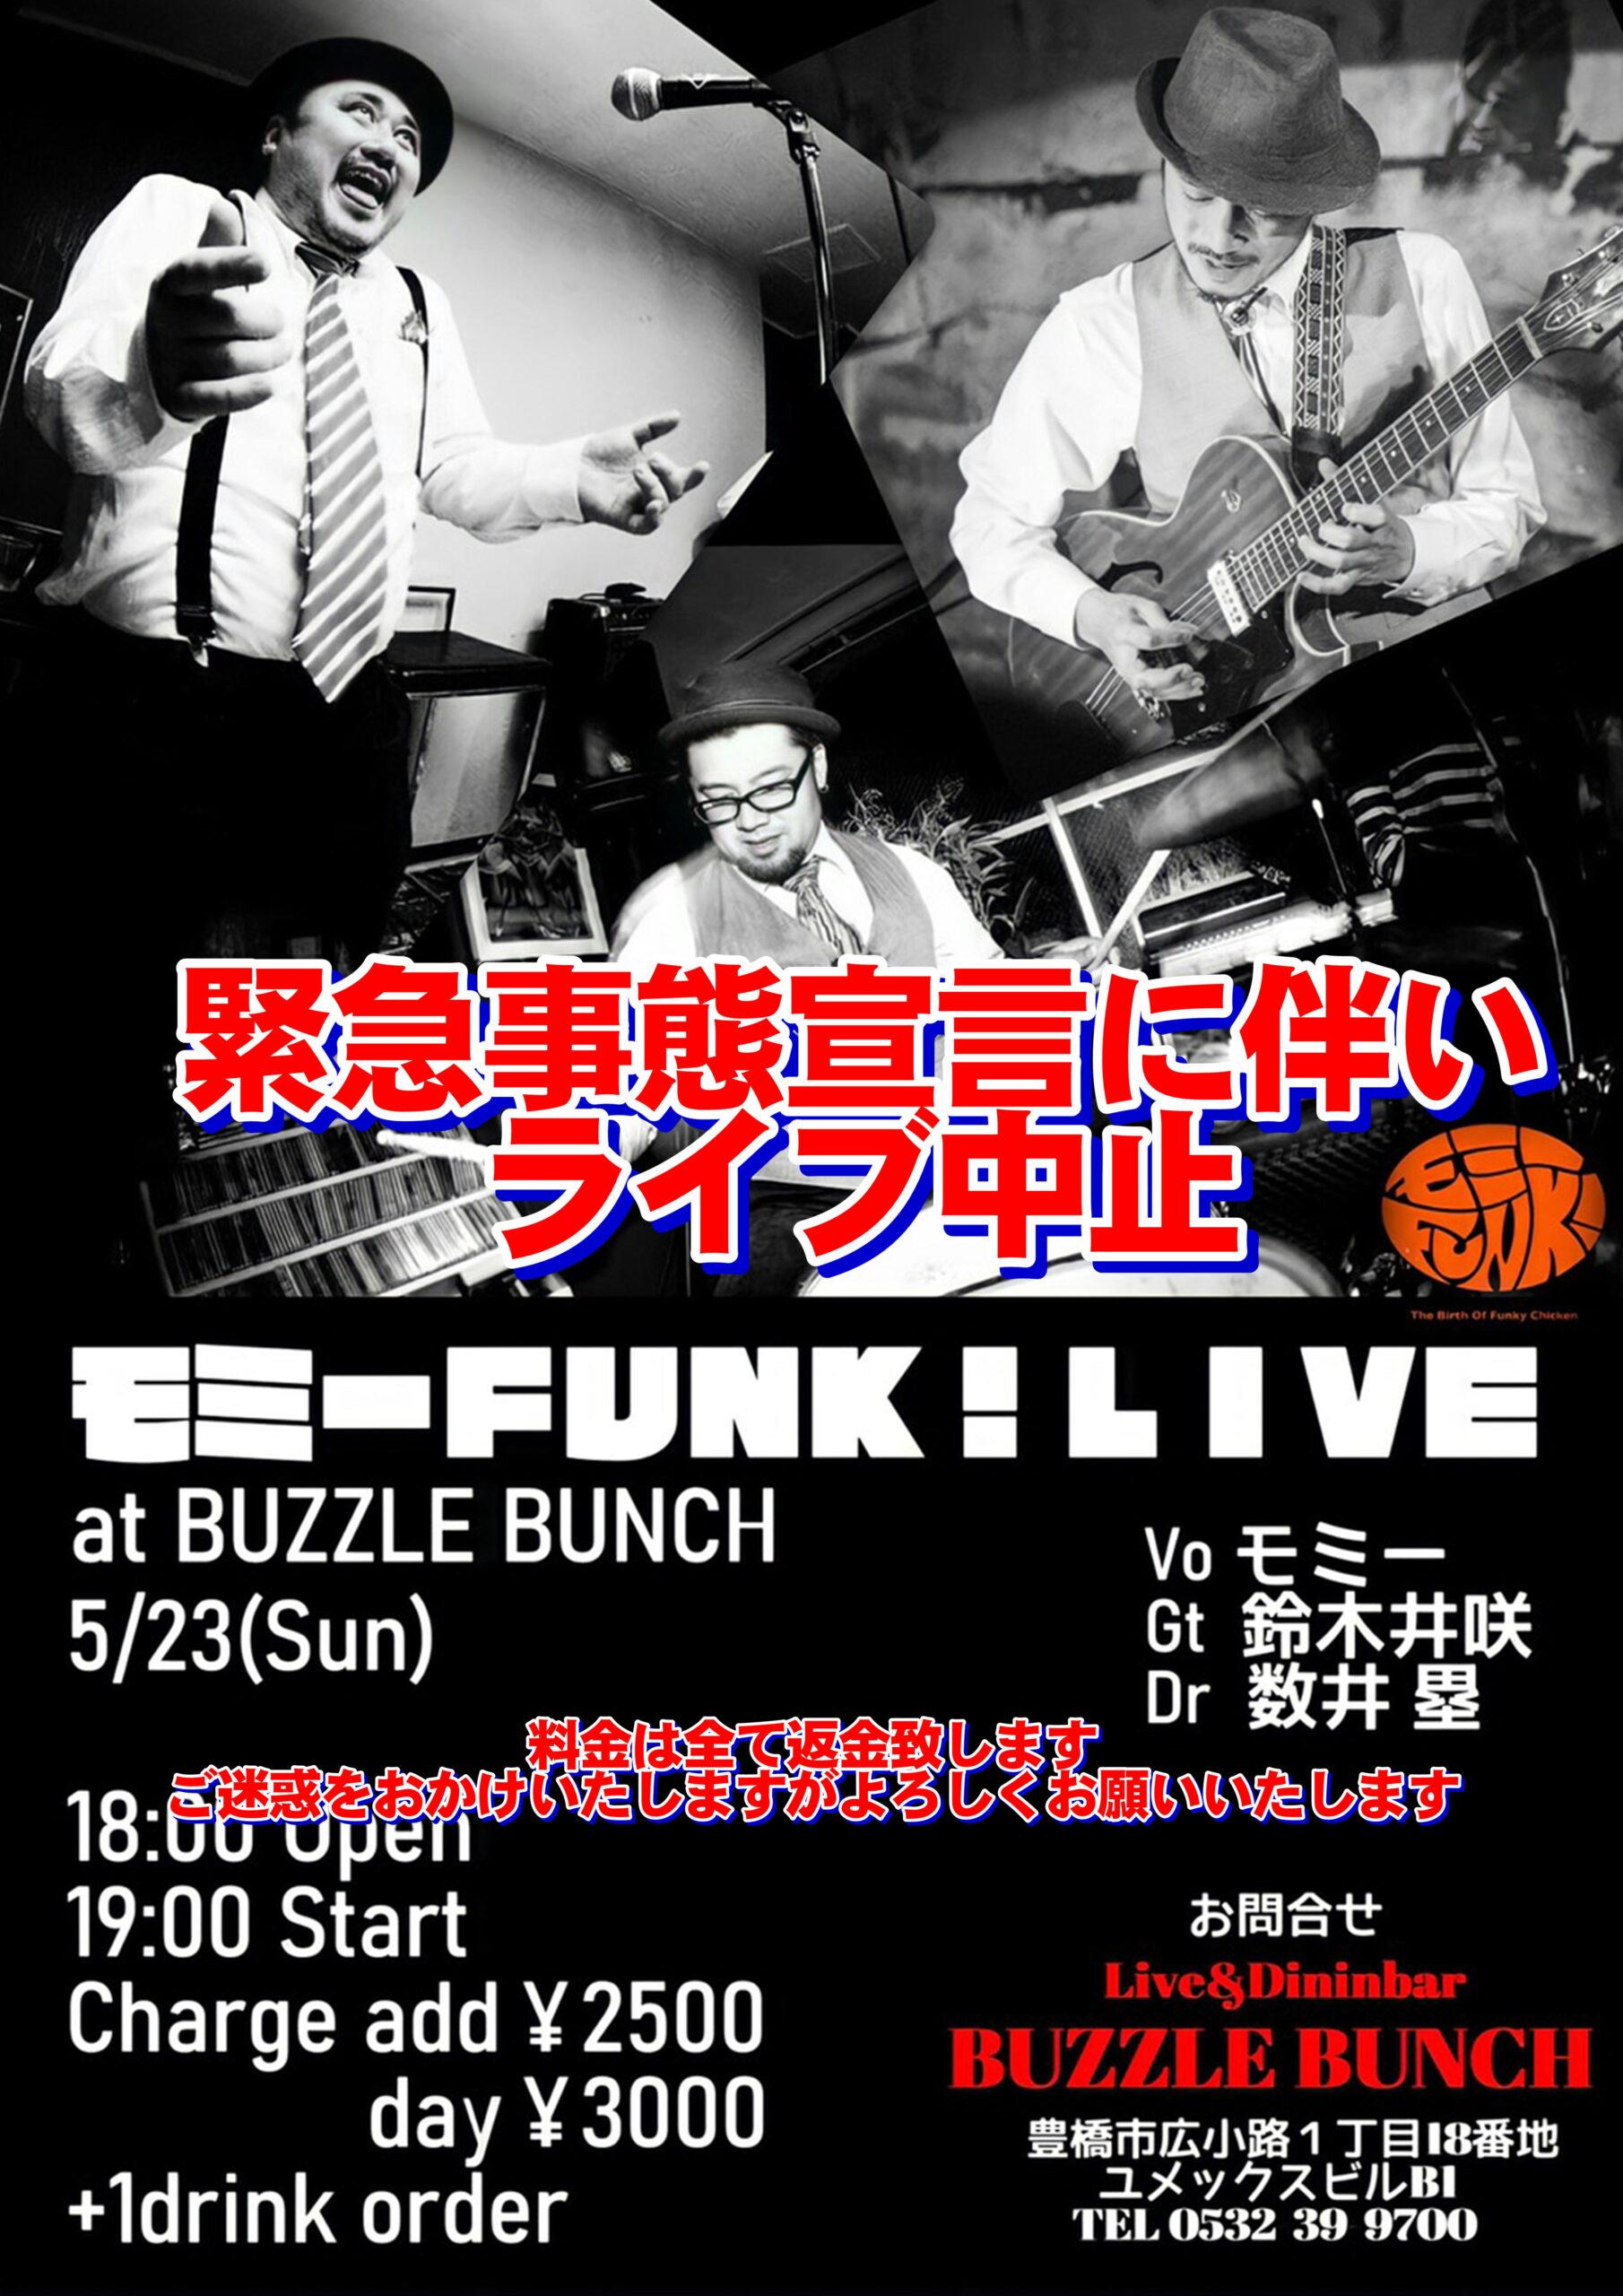 2021年5月23日(日) モミーFUNK! LIVE at BUZZLE BUNCH ライブ中止のお知らせ